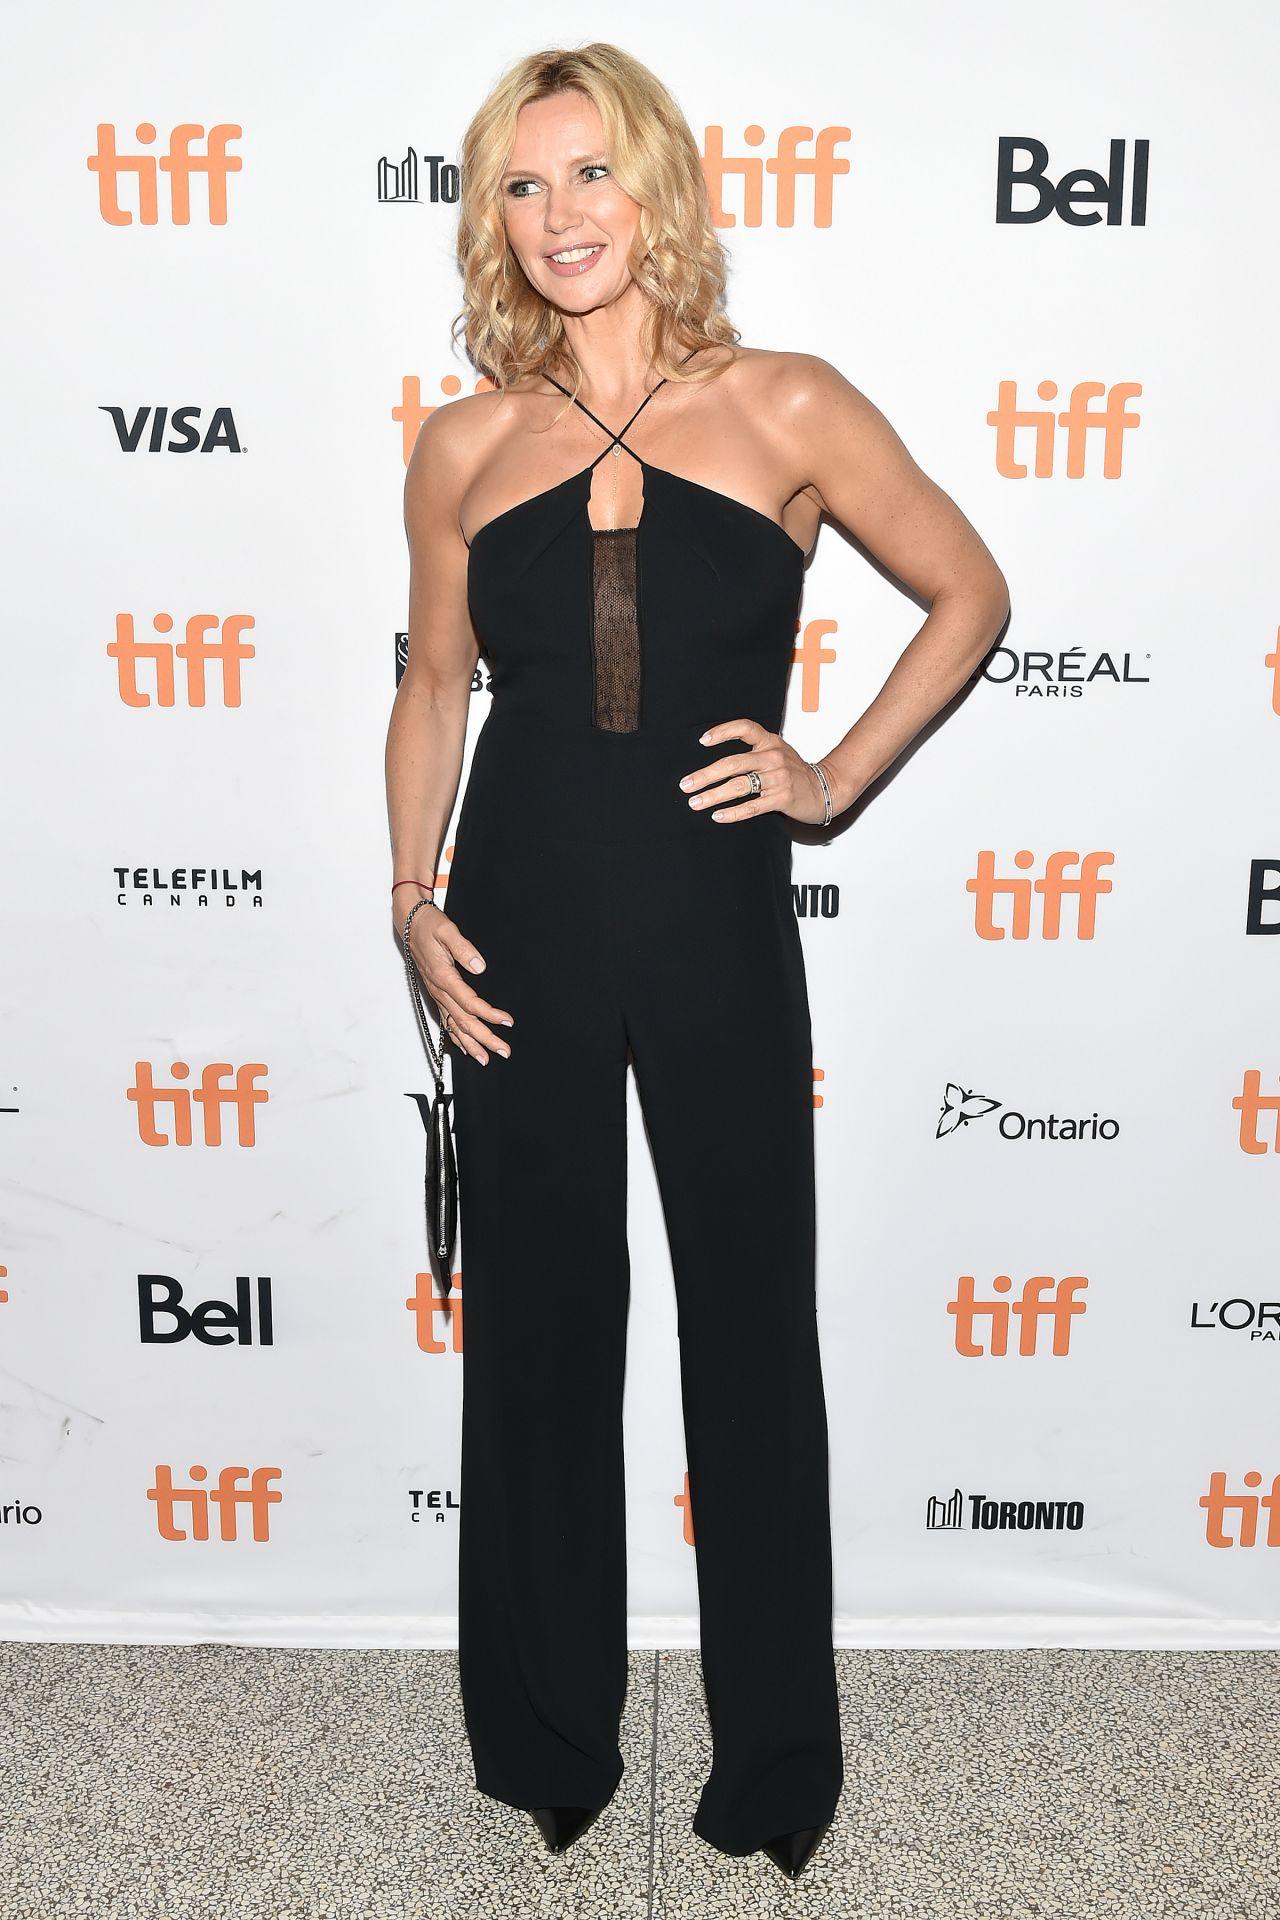 Veronica Ferres - 'Salt and Fire' Premierein Toronto ...  Veronica Ferres...